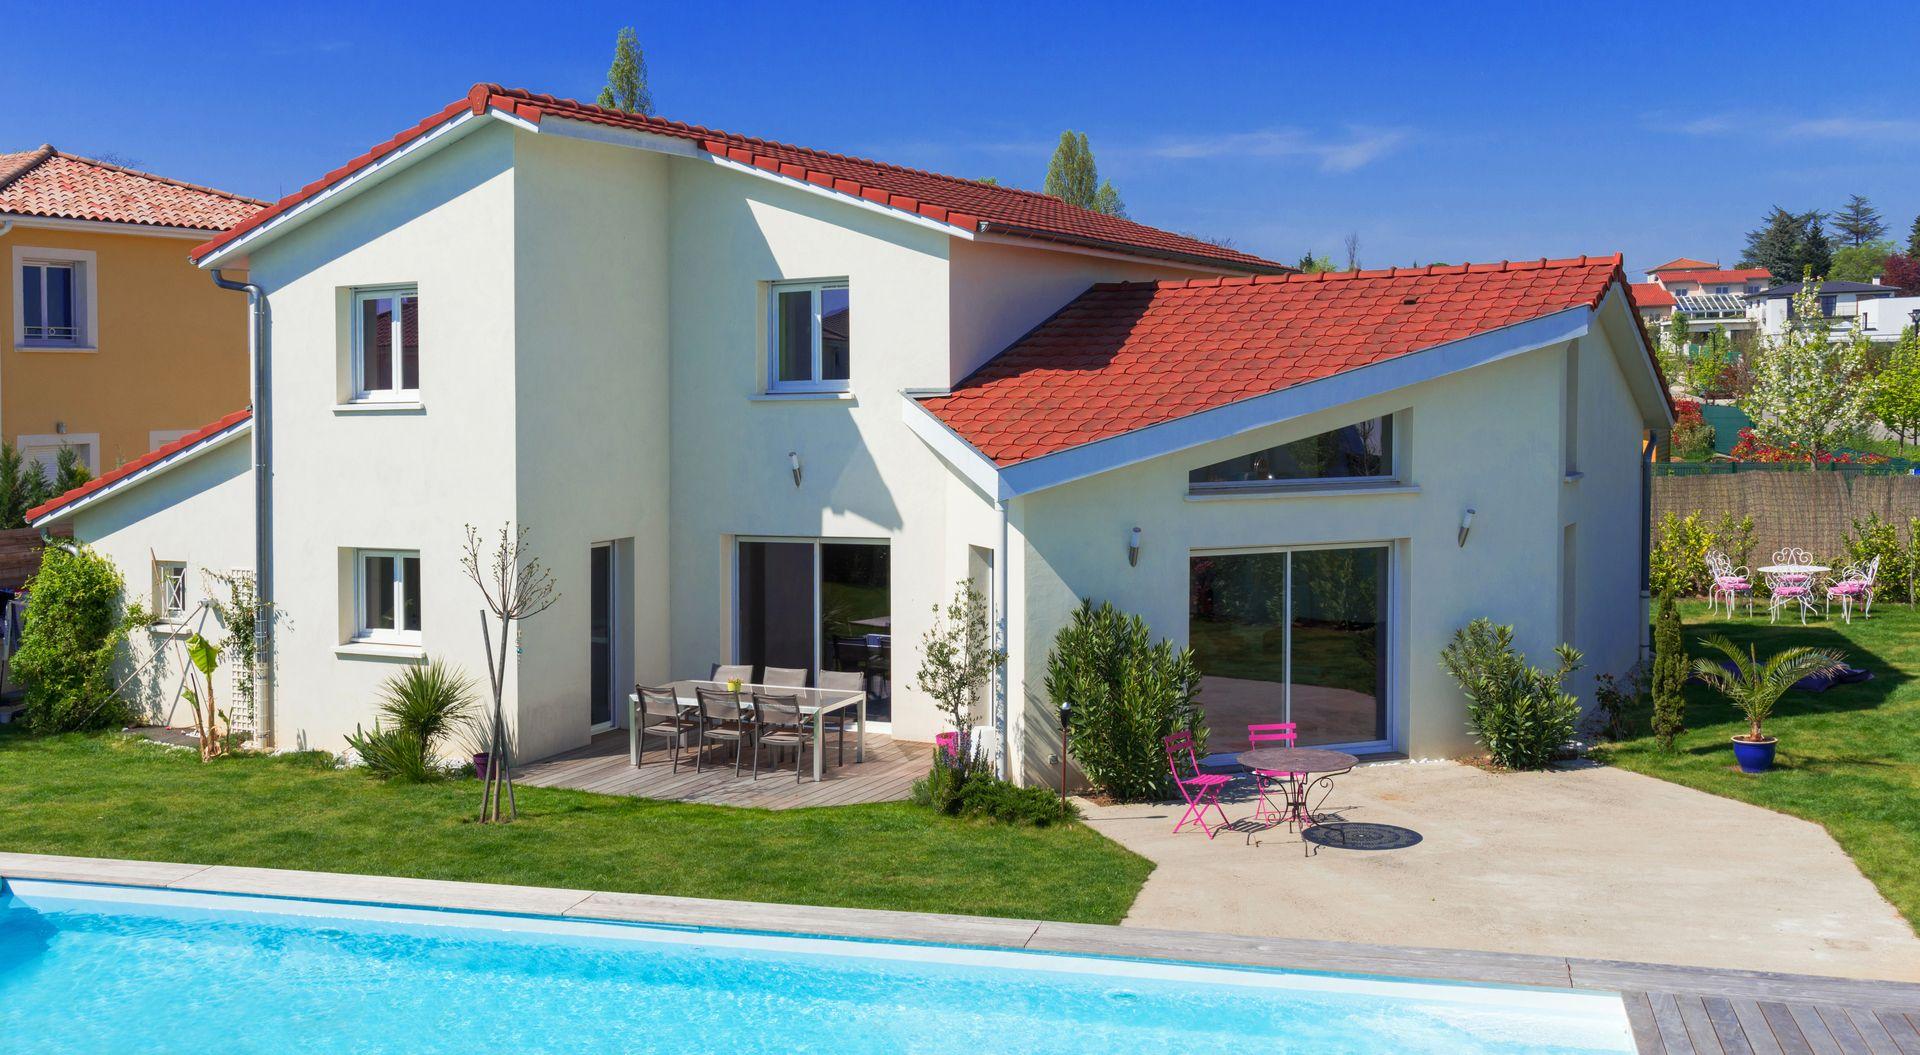 constructeur-maison-individuelles-piscine